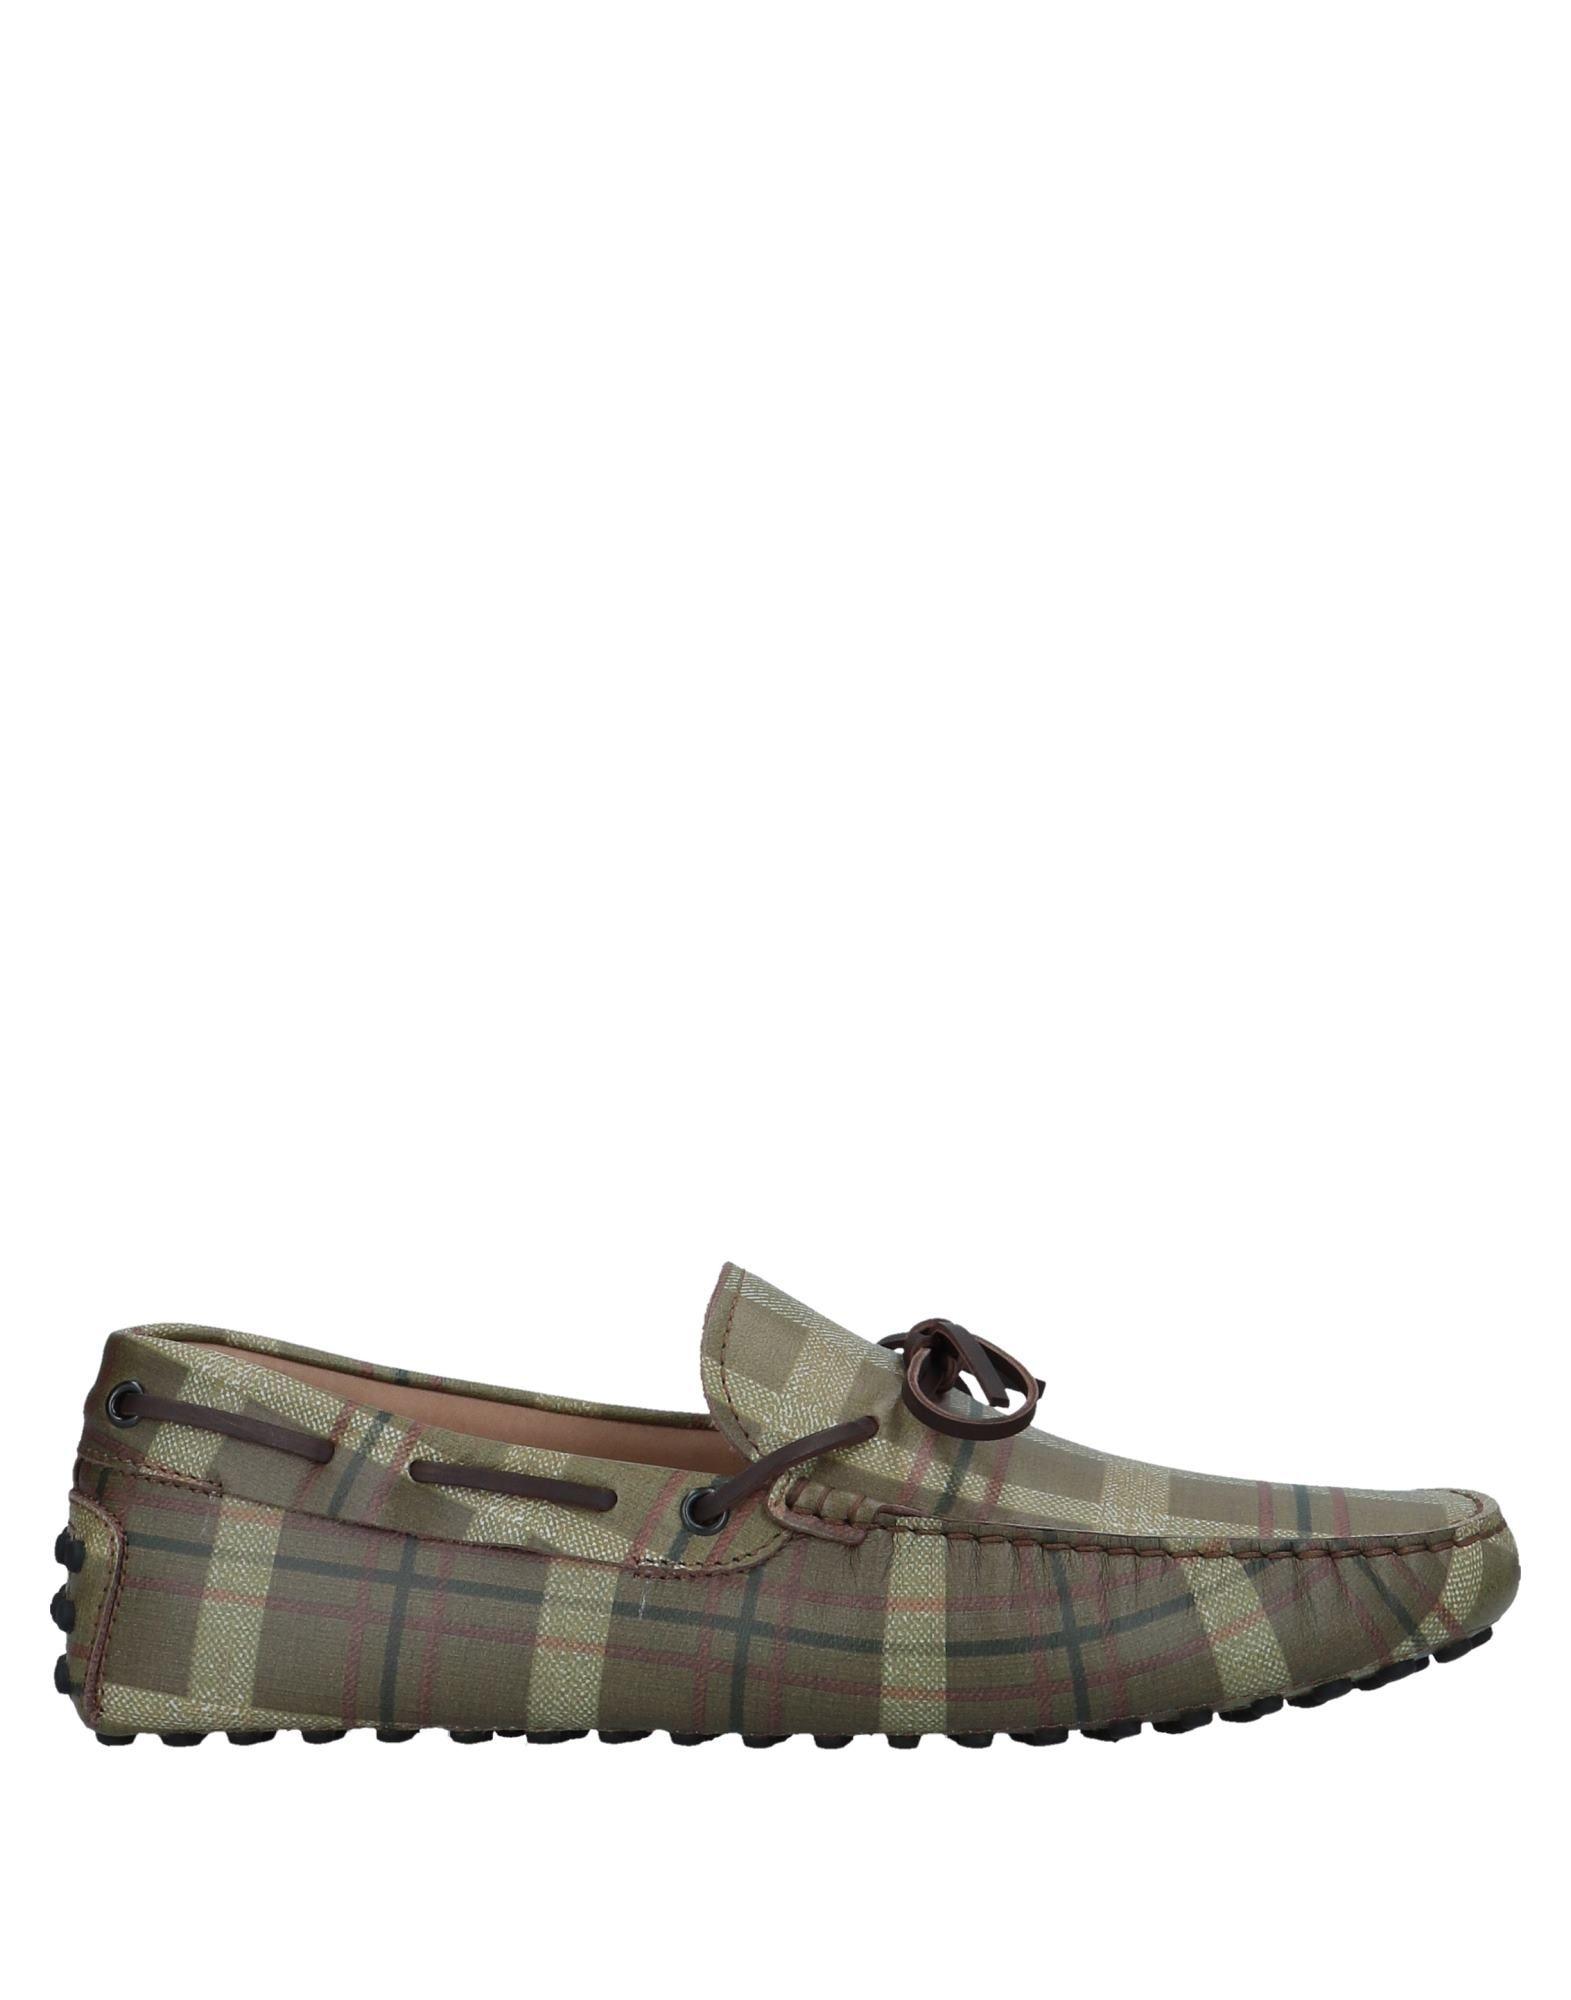 шнурки для мокасин кожаные купить